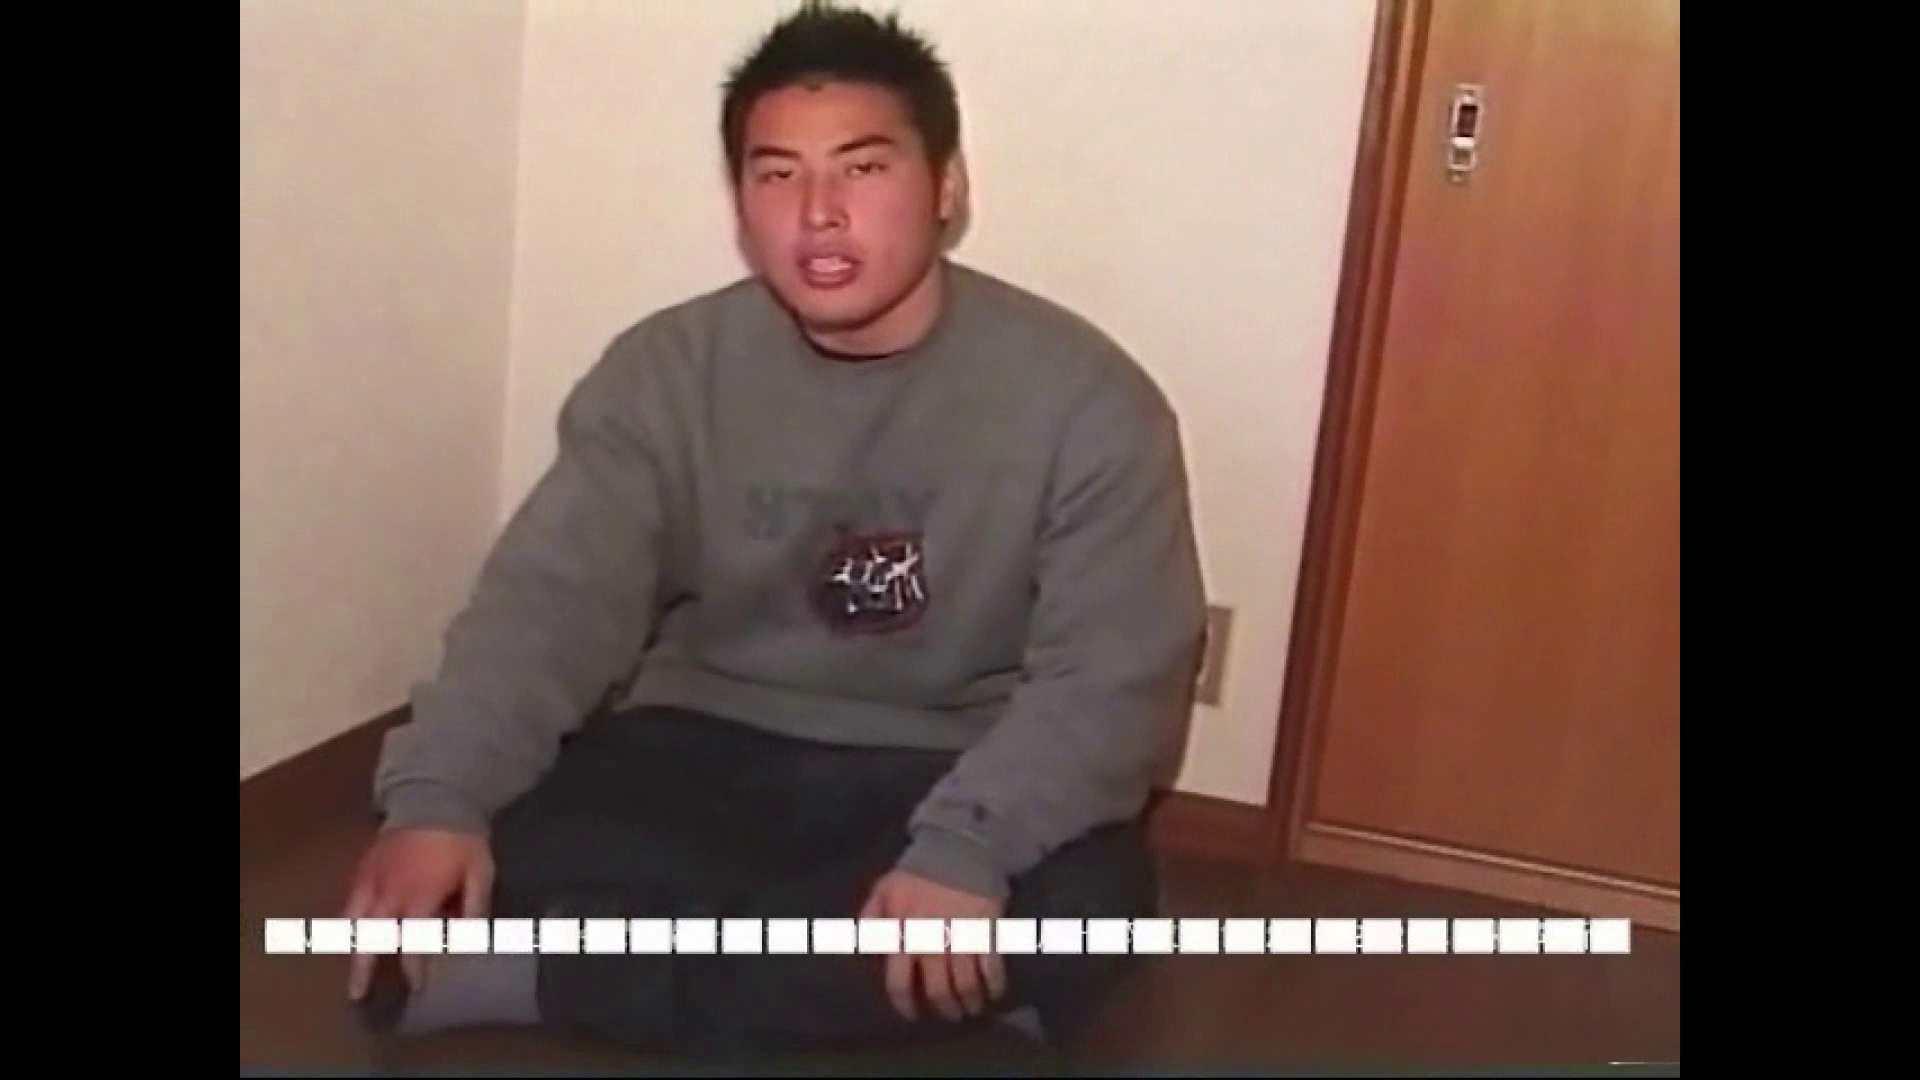 オナれ!集まれ!イケてるメンズ達!!File.29 男パラダイス ゲイアダルトビデオ画像 11画像 4